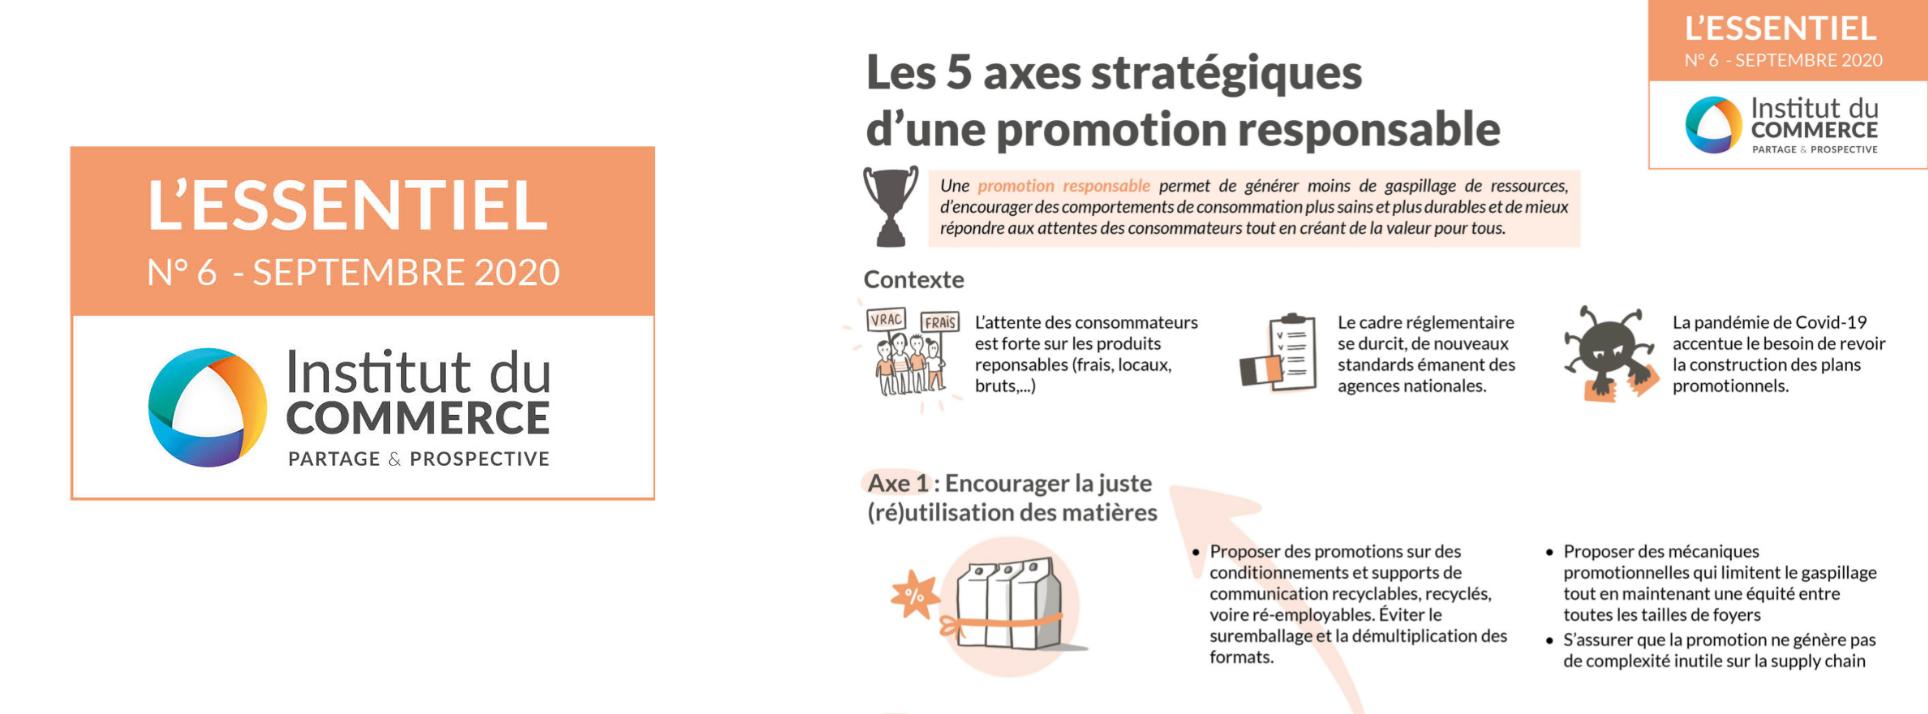 Essentiel#6 : Les 5 axes stratégiques d'une promotion responsable